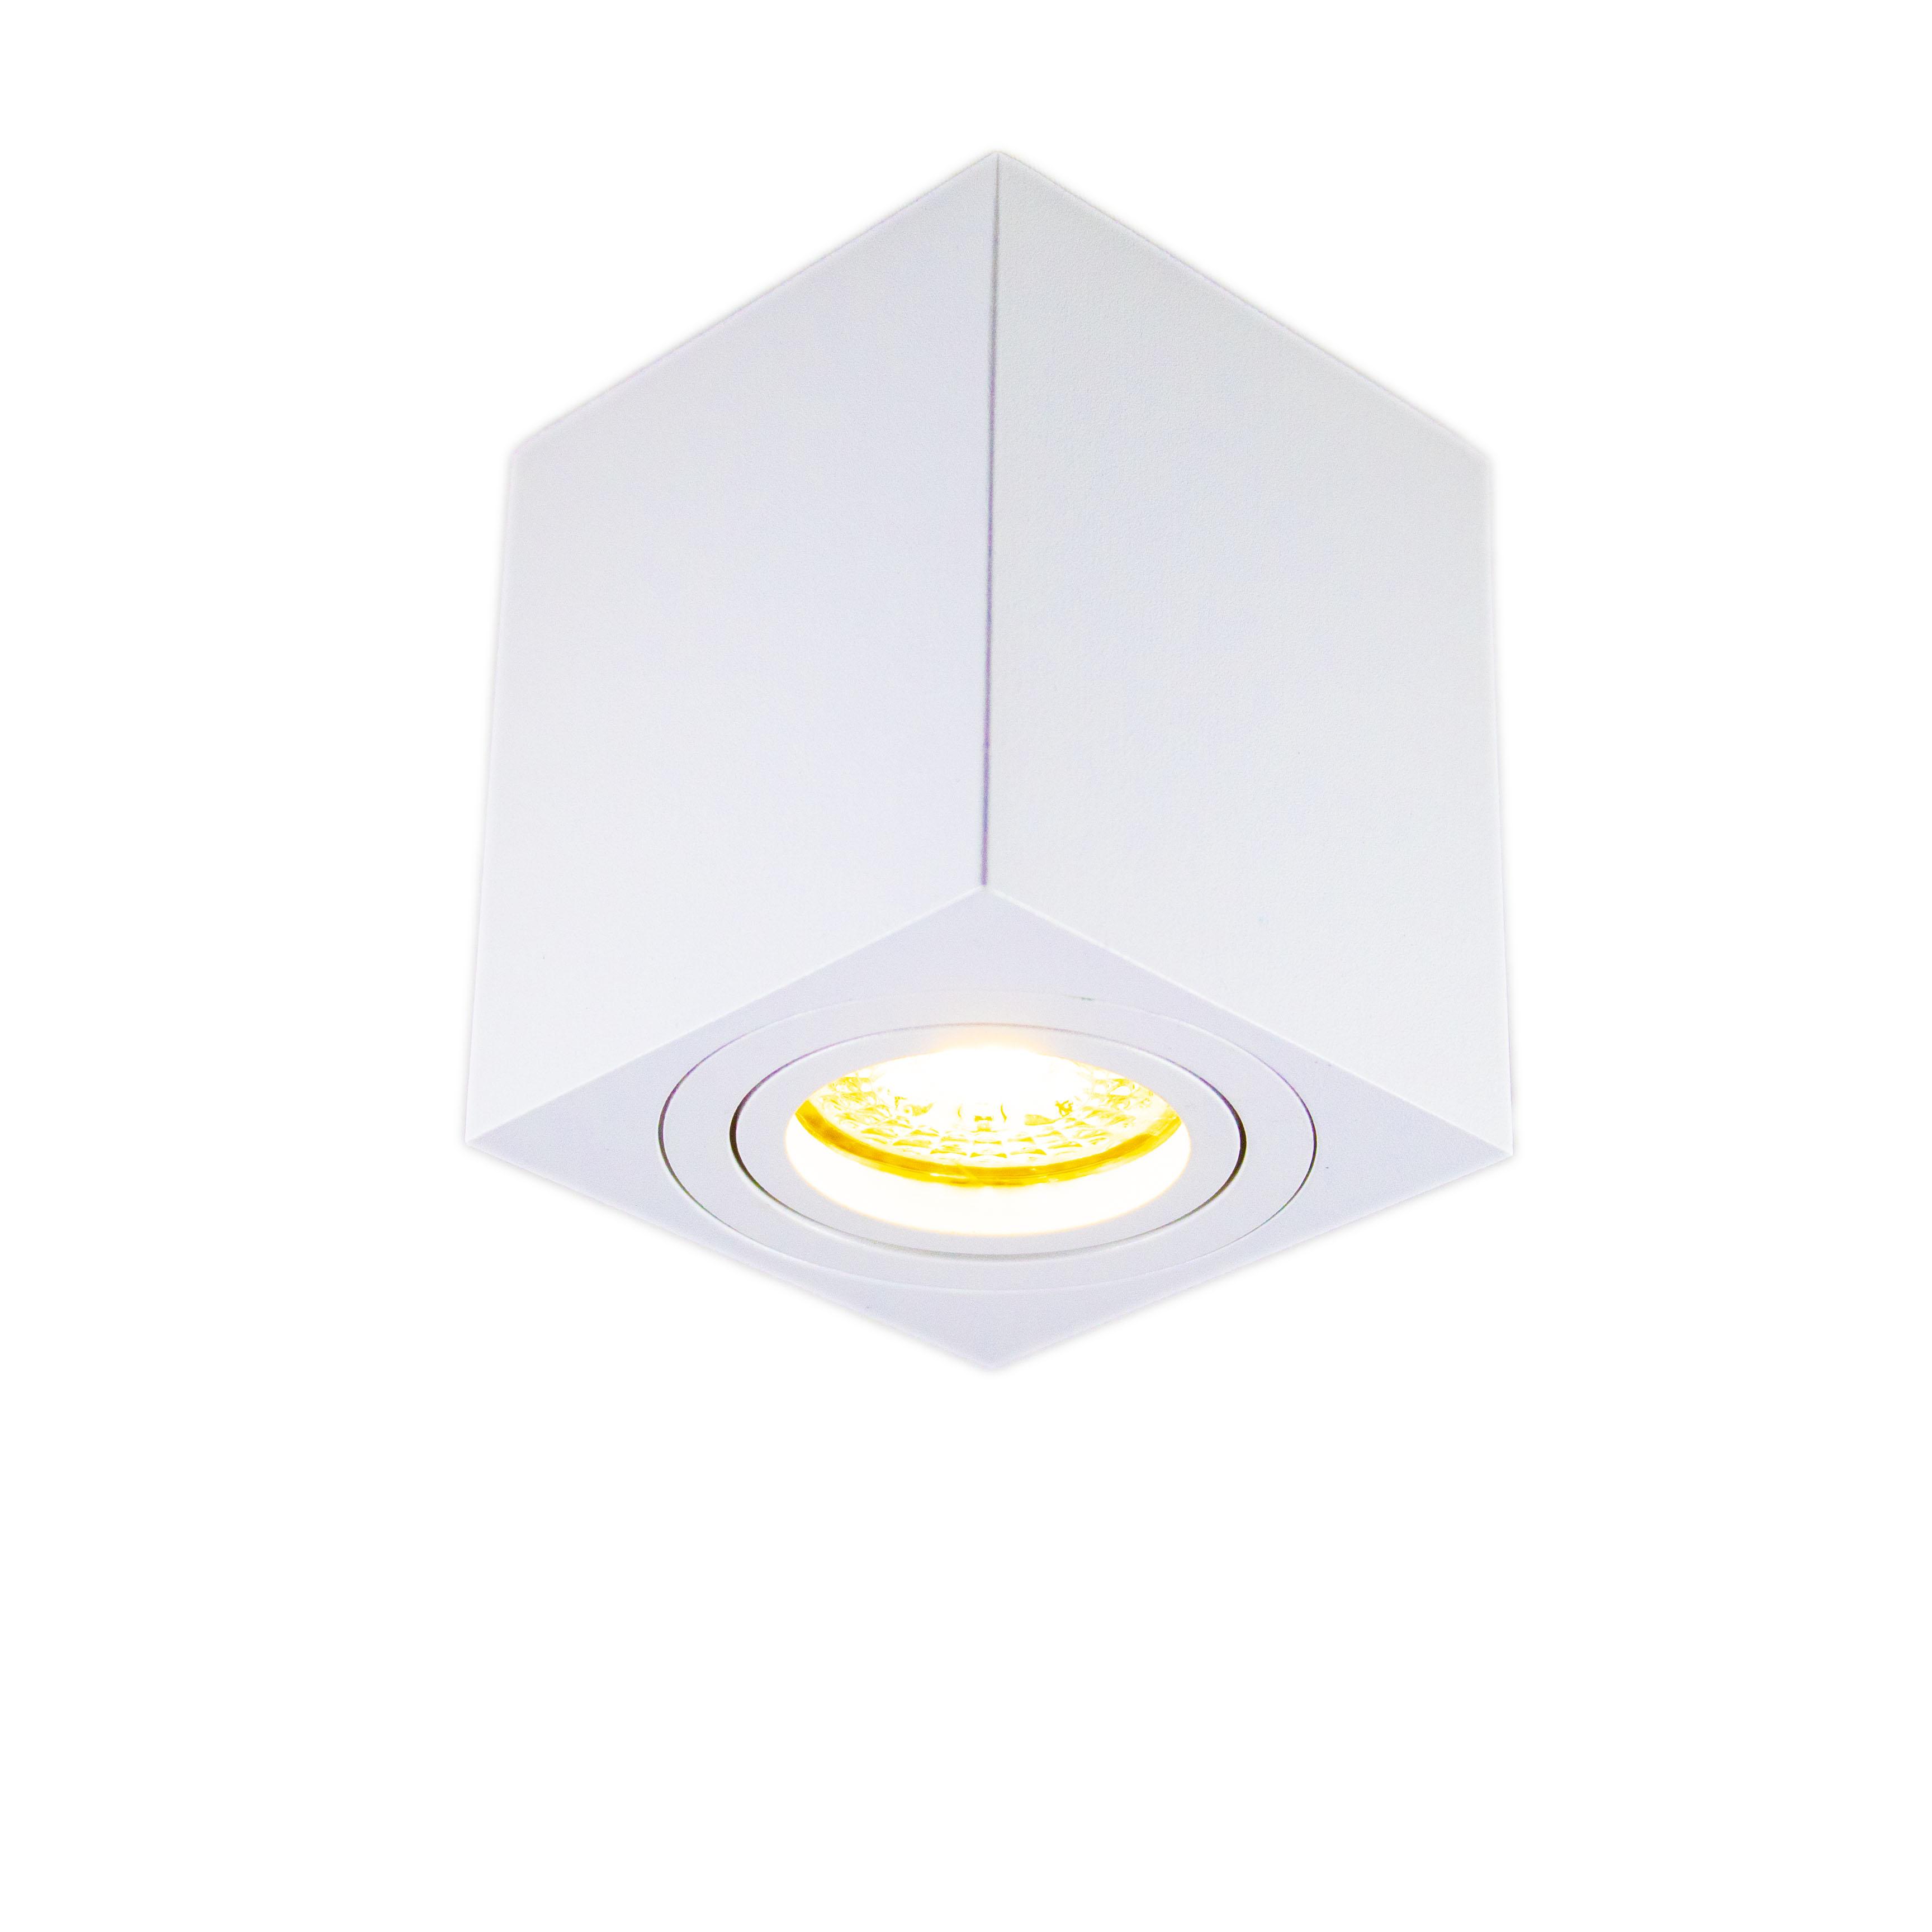 Opbouw spot armatuur wit vierkant kantelbaar GU10 fitting - spot aan